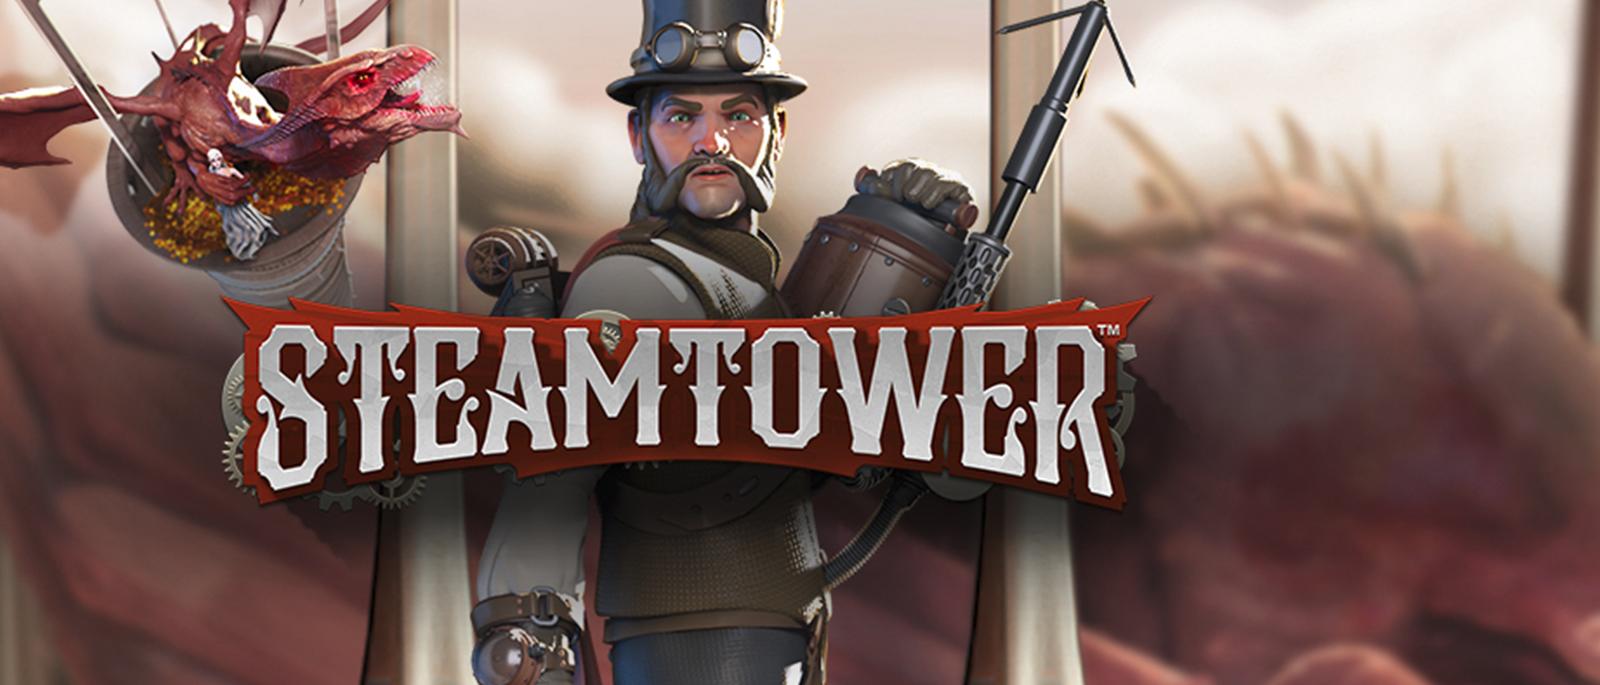 Steam Tower Netent Slot Spiel